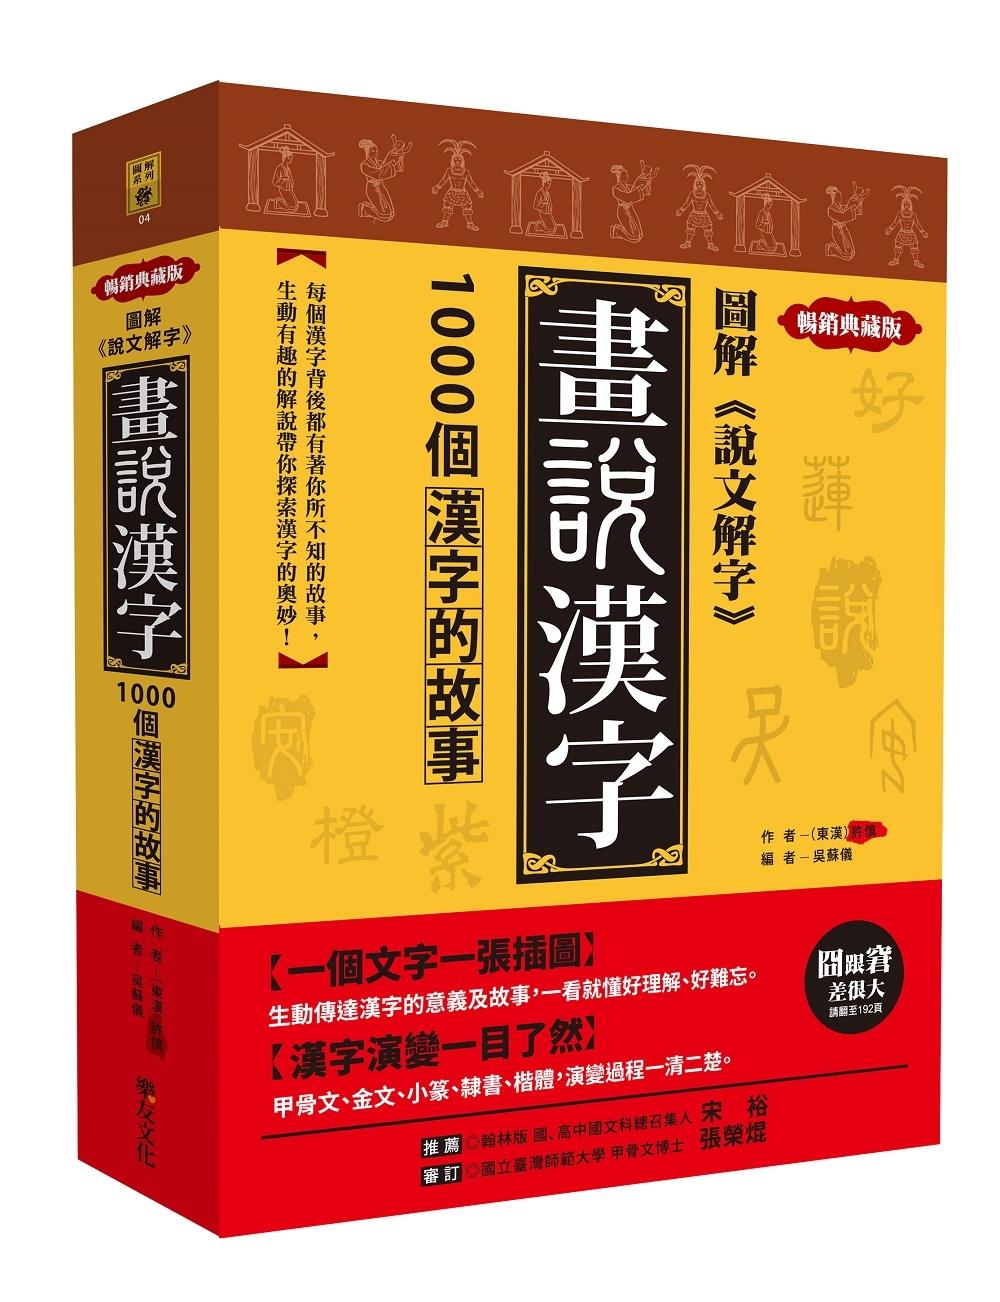 圖解《說文解字》畫說漢字:1000個漢字的故事【暢銷典藏版】